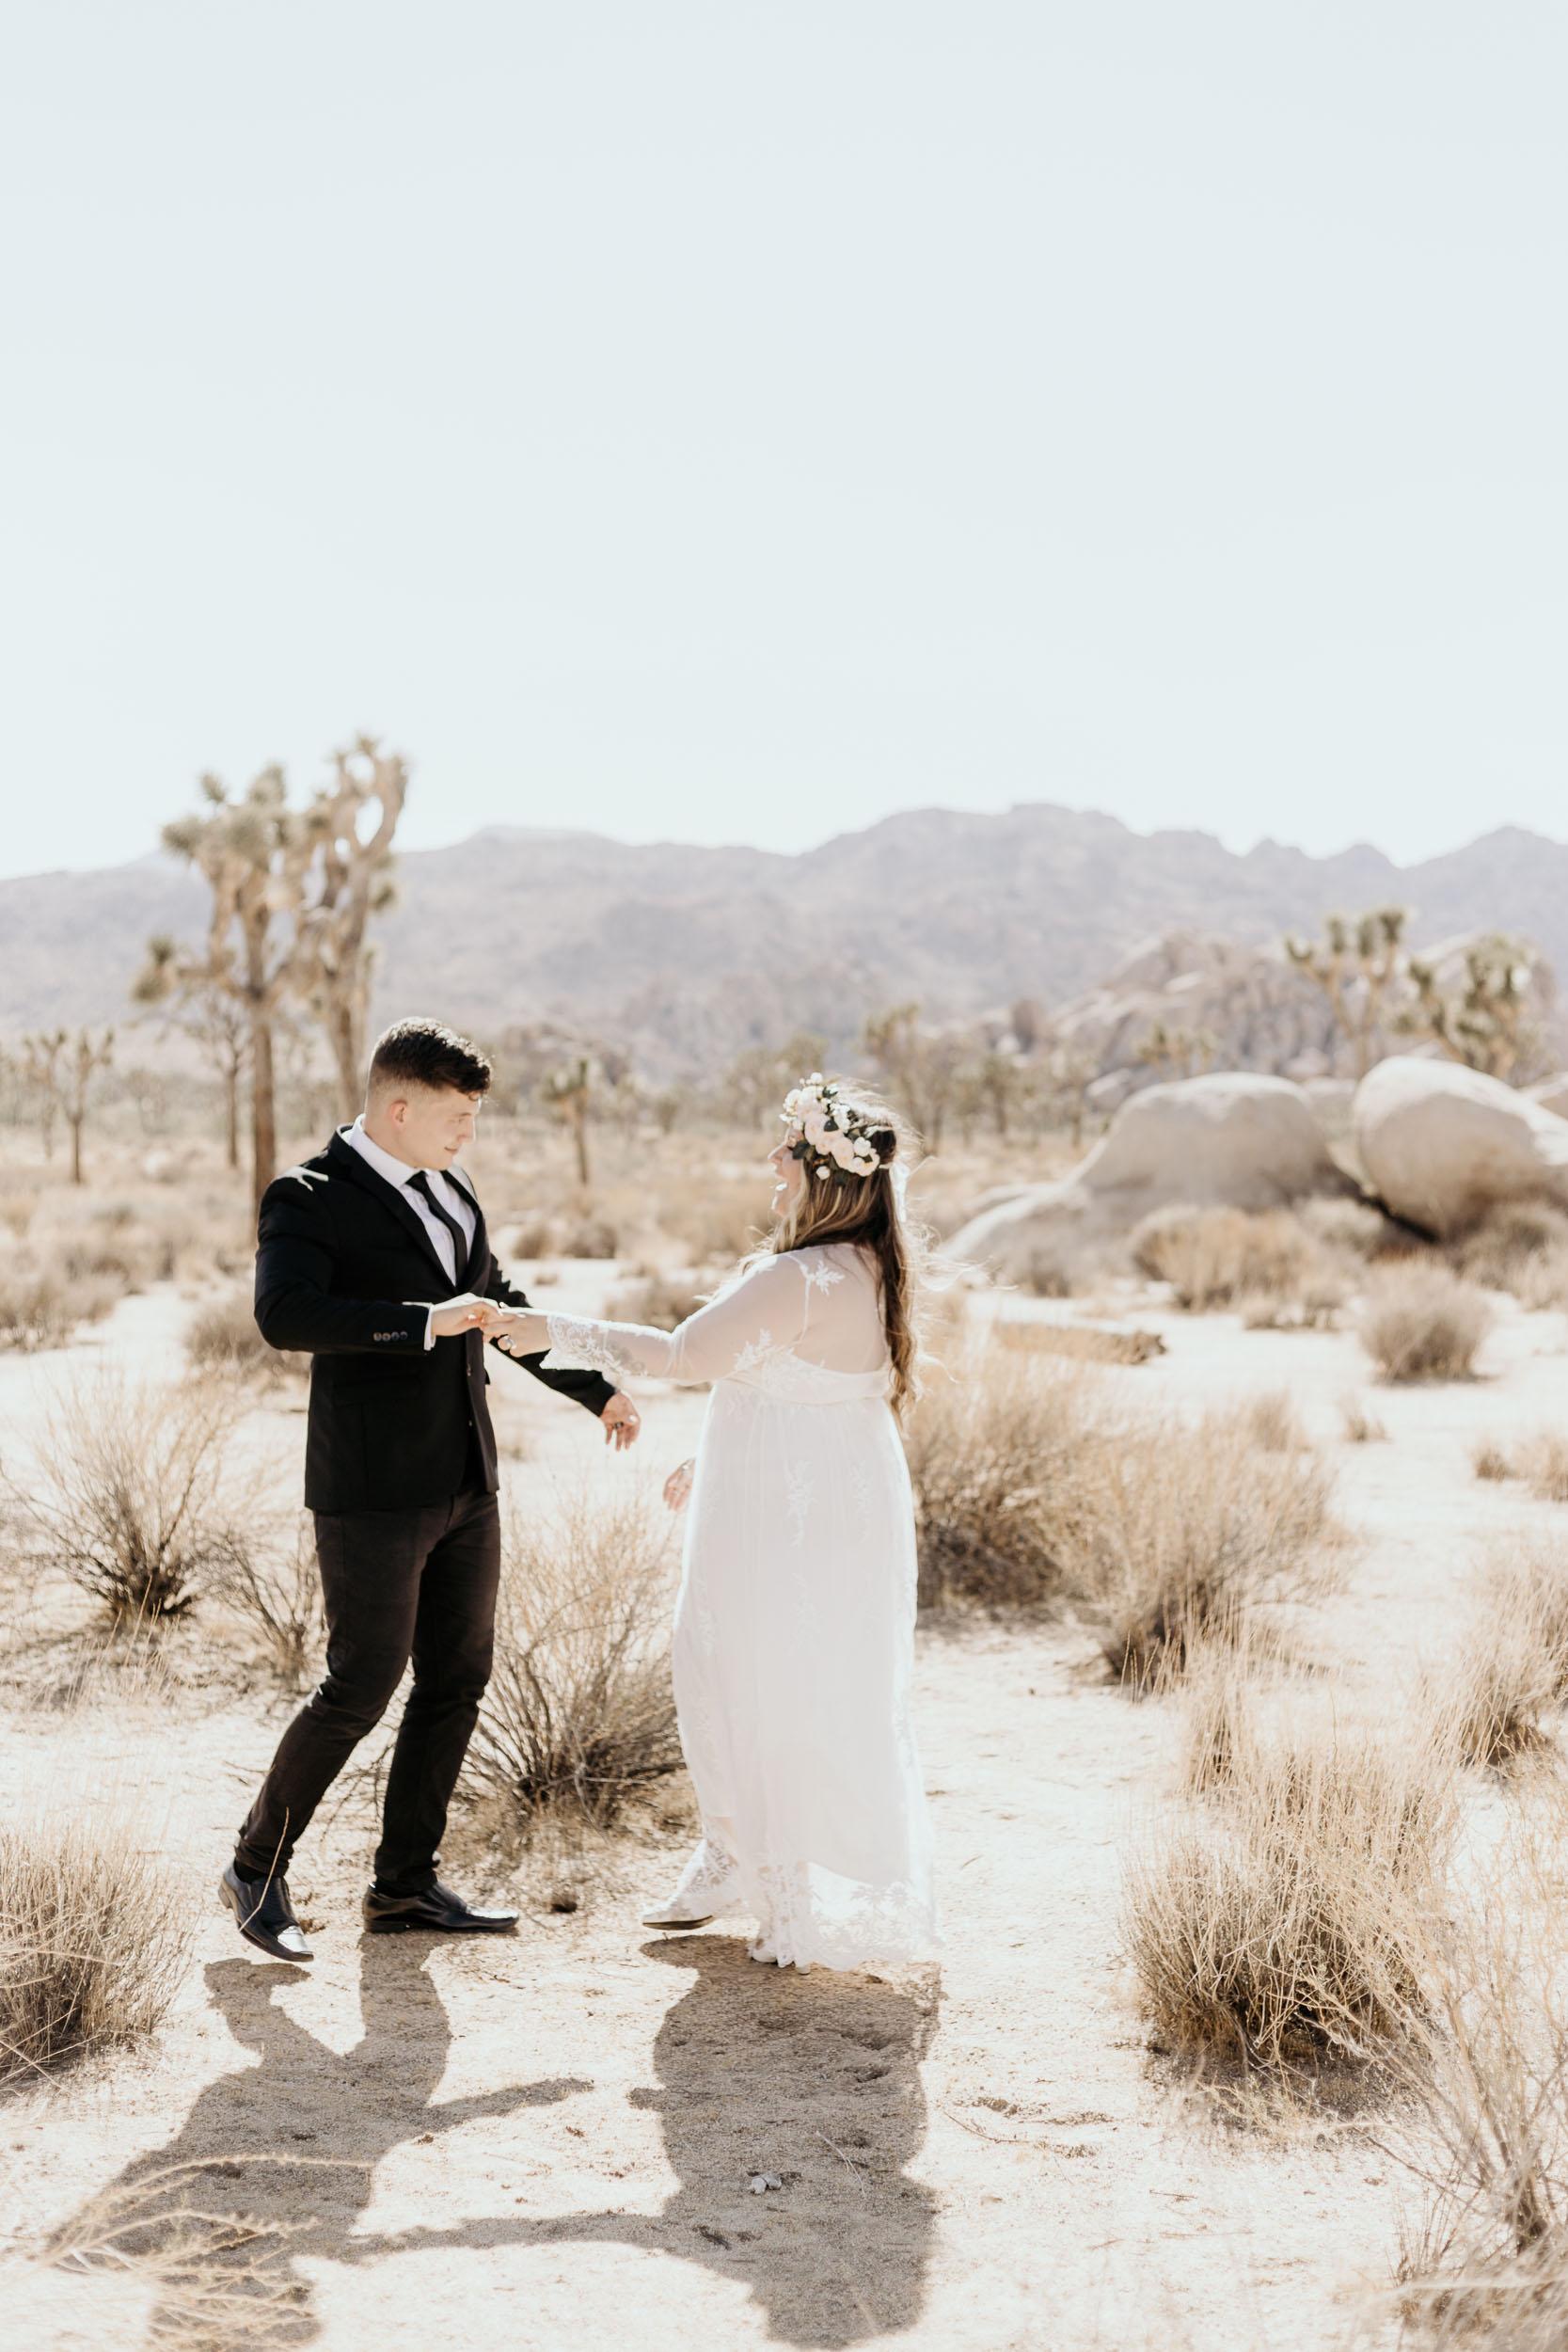 intimate-wedding-elopement-photographer-ottawa-joshua-tree-0248.jpg